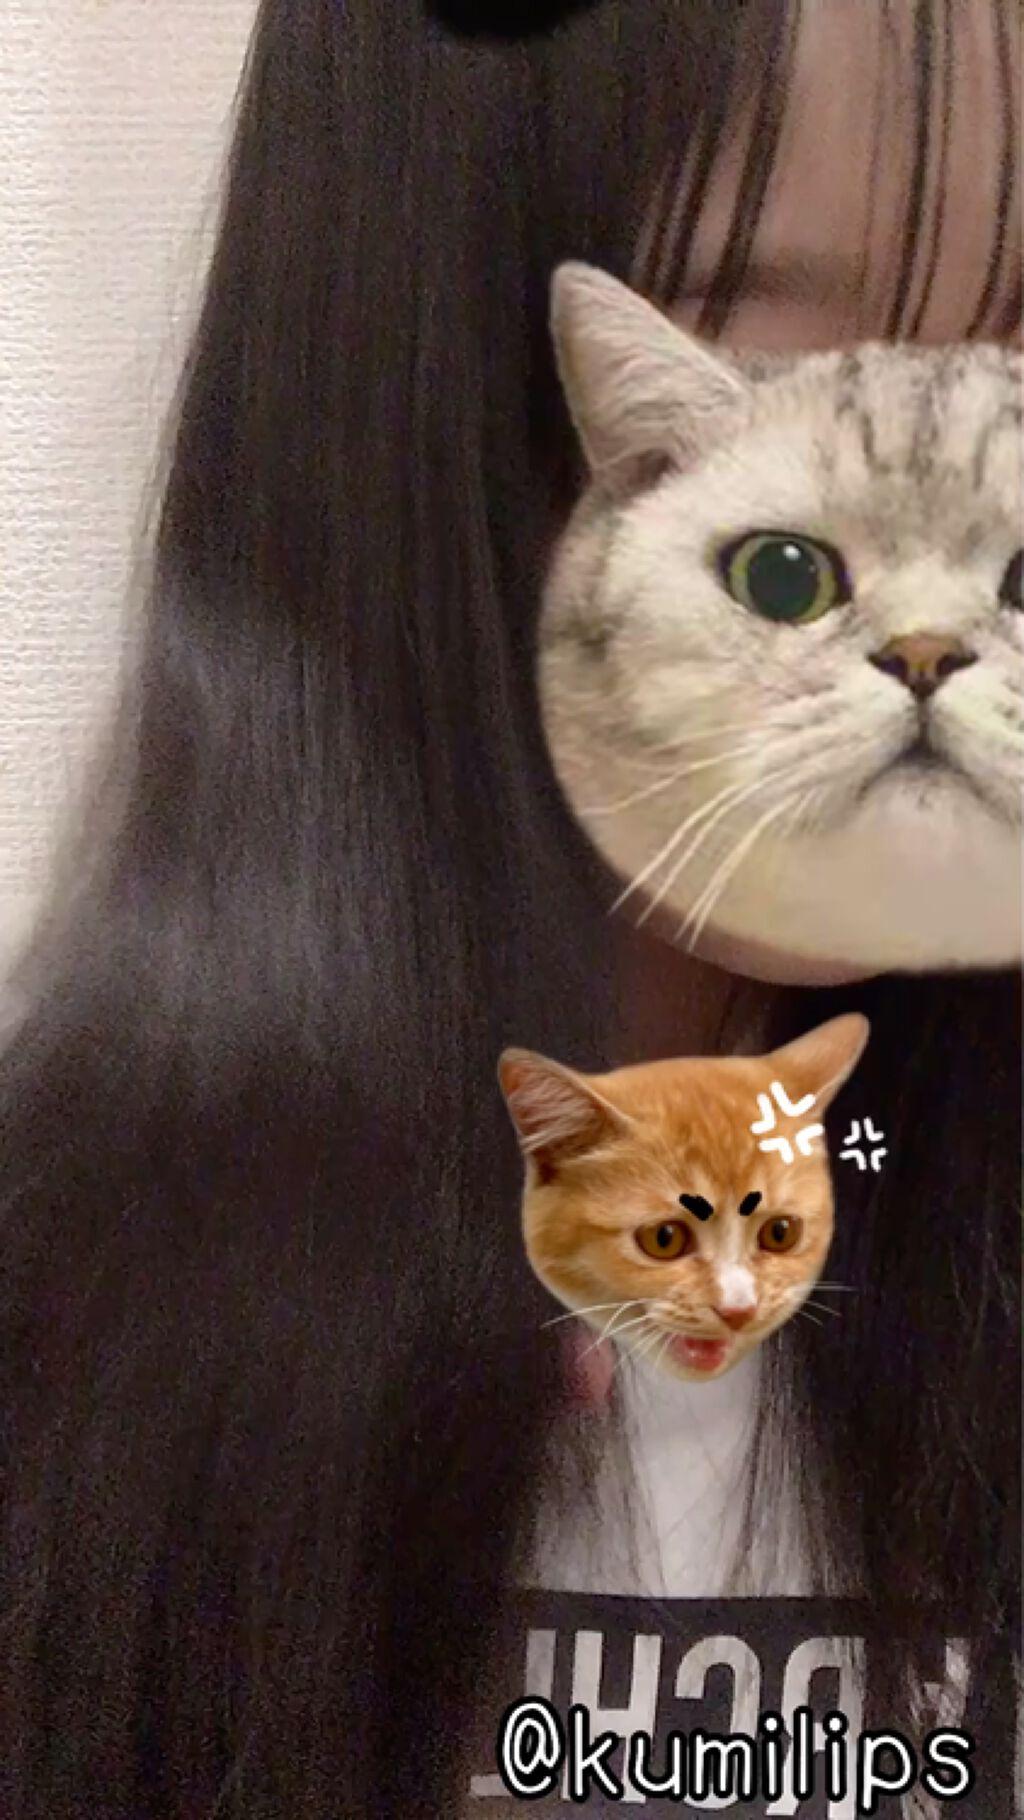 【動画付きクチコミ】髪サラサラになりたくない?そんな方に私の髪がサラサラになったヘアケアグッズ紹介してやるよ✂ーーーーーーーーーーーーーーーーーこんにちは!93(くみ)です!今回は私がサラサラ髪になったヘアケアグッズをご紹介しちゃいます🙆♀️それでは...